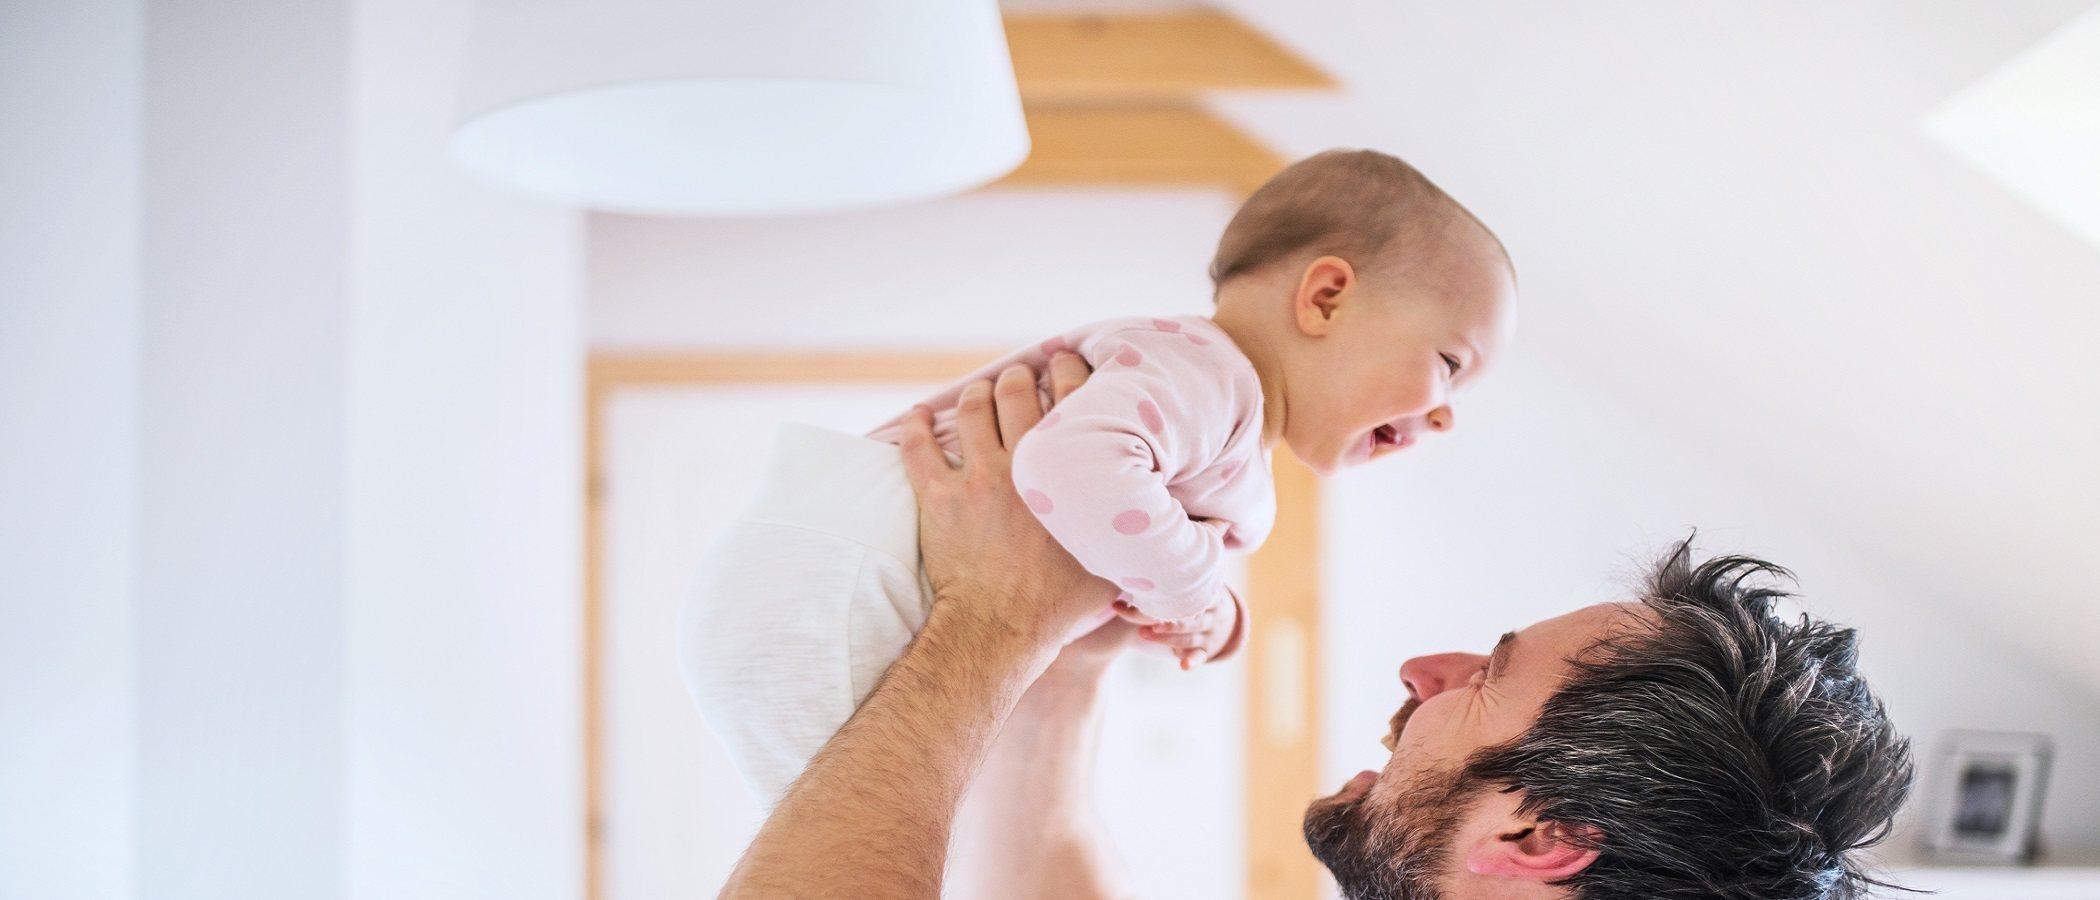 La vida antes y después de tener un hijo